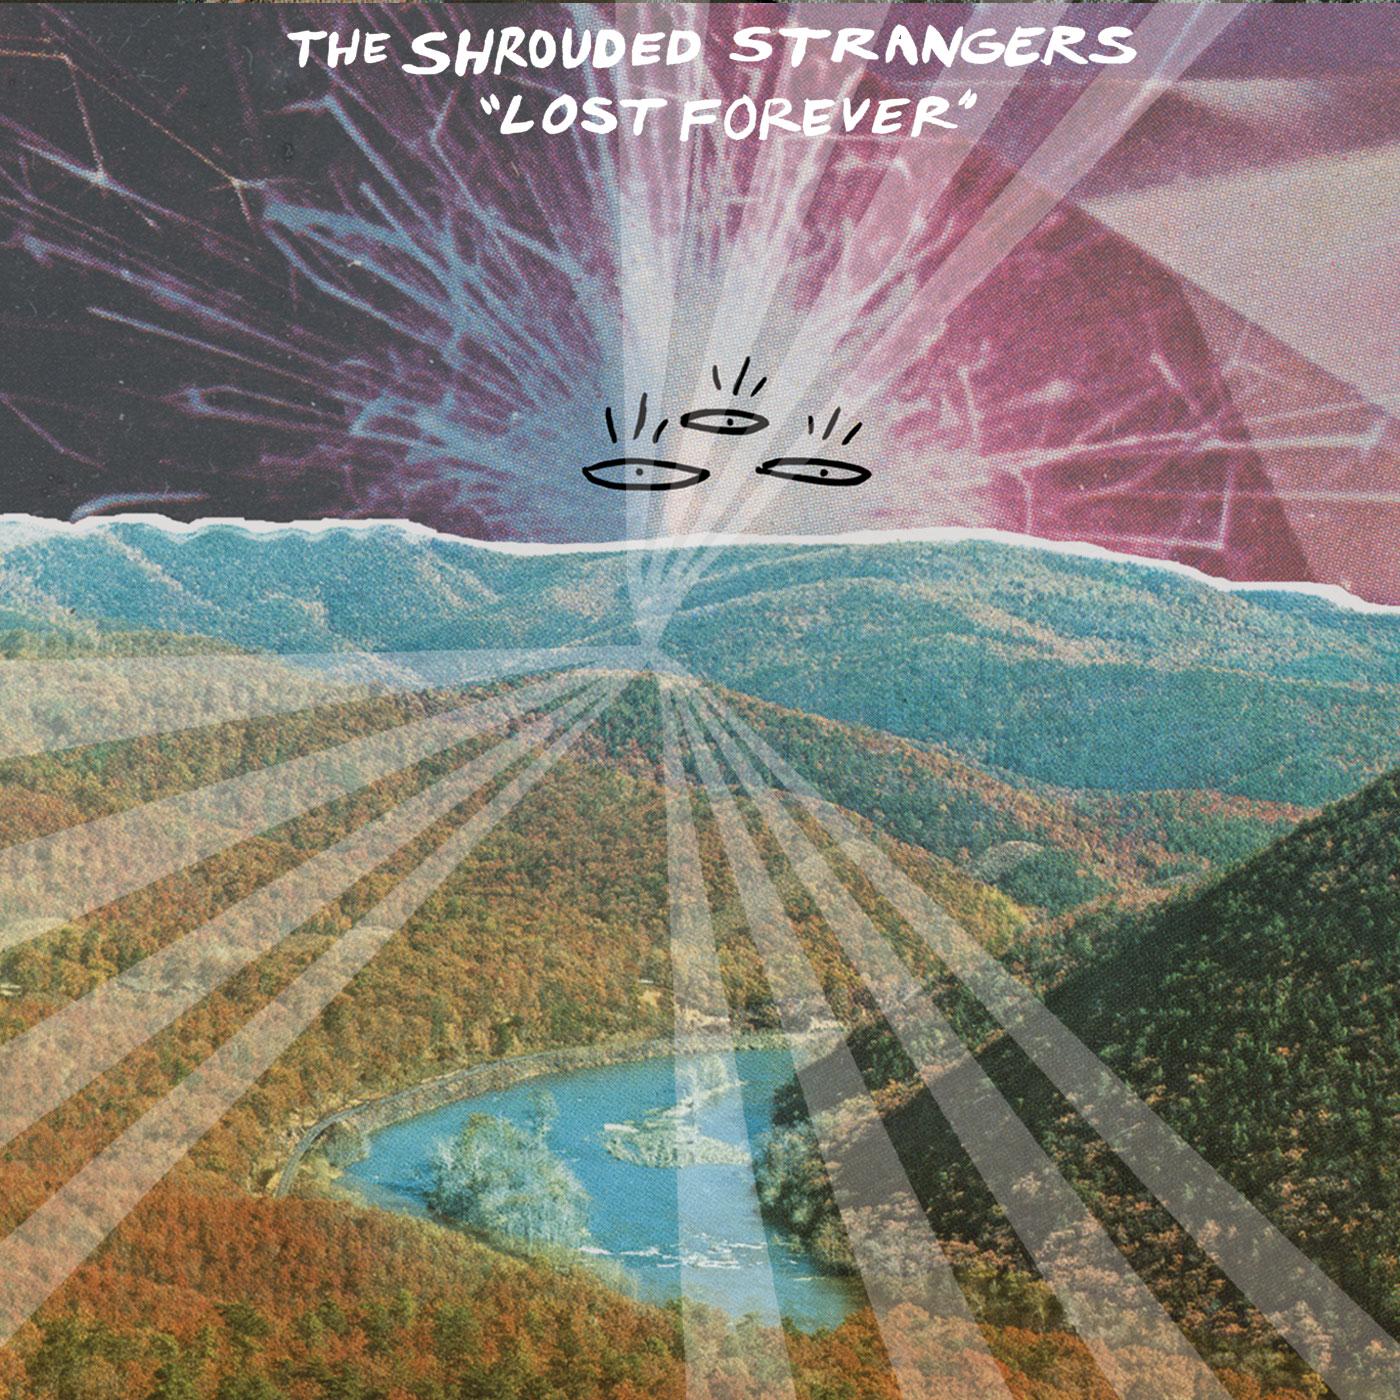 shrouded-strangers-cover.jpg